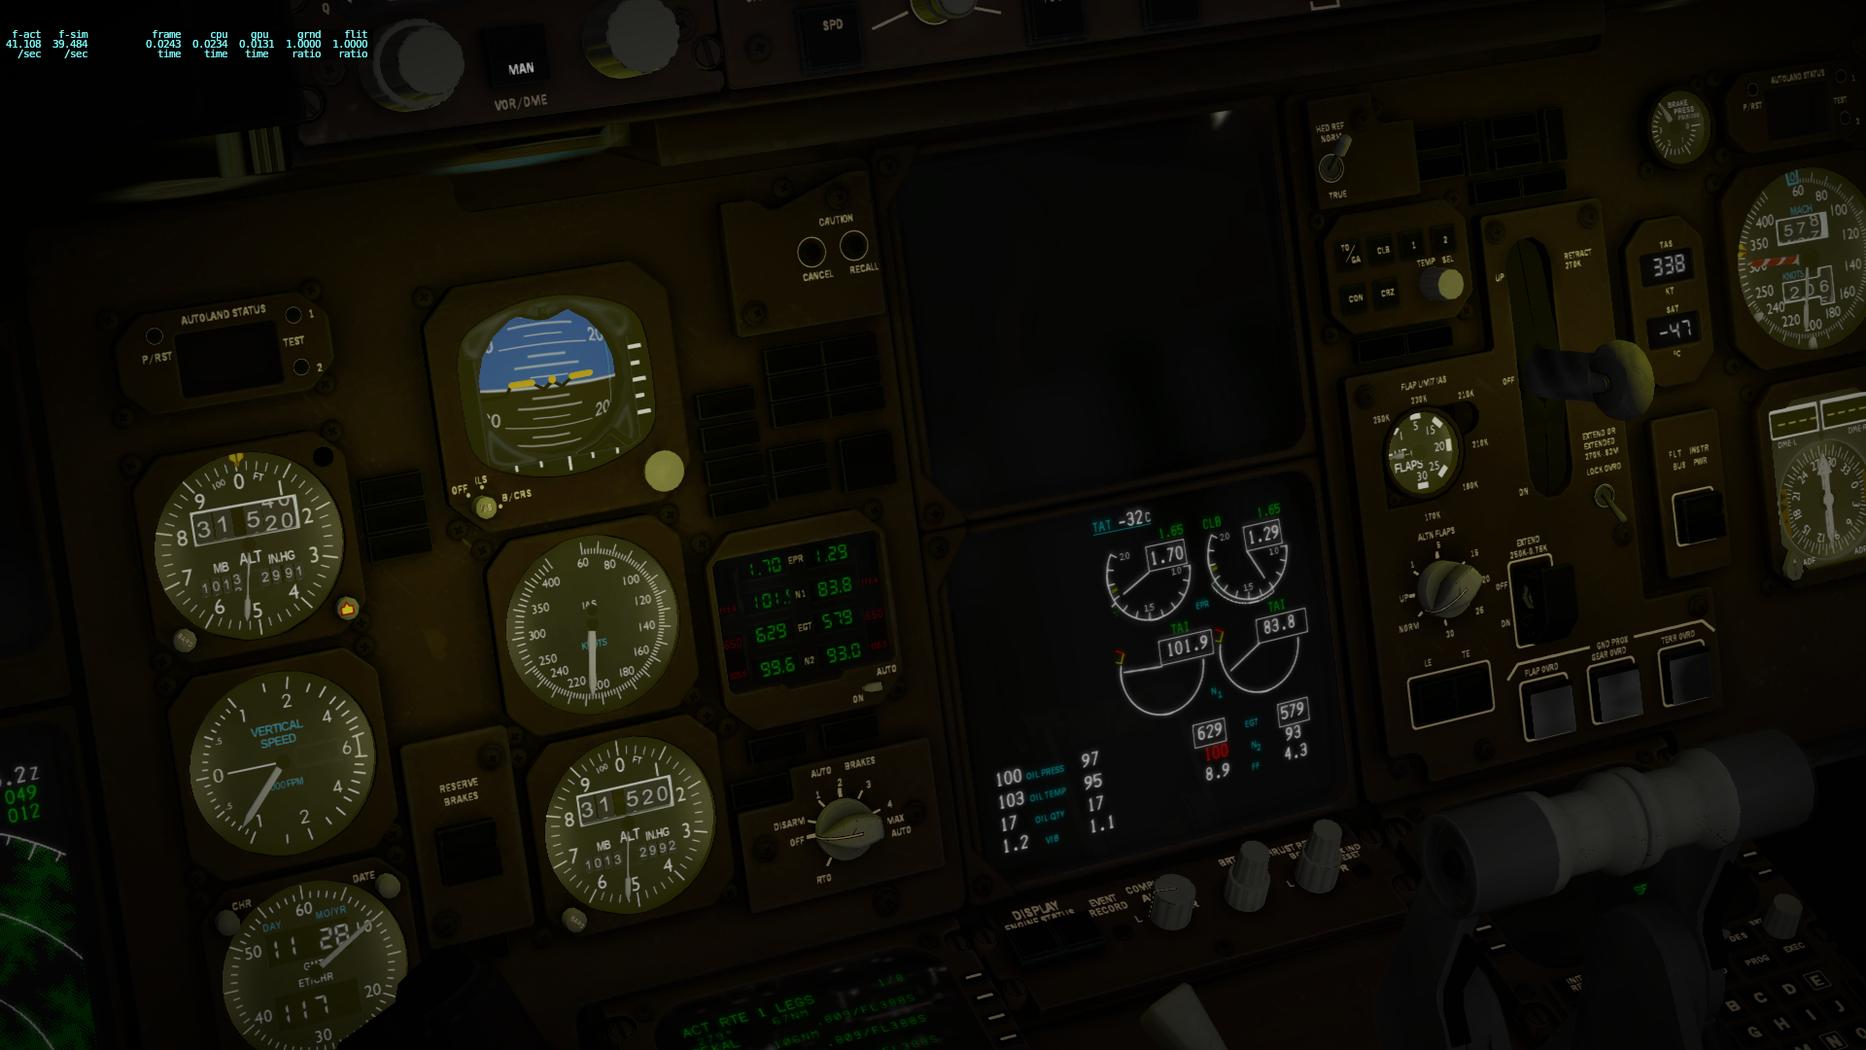 767-300ER_xp11_447.png